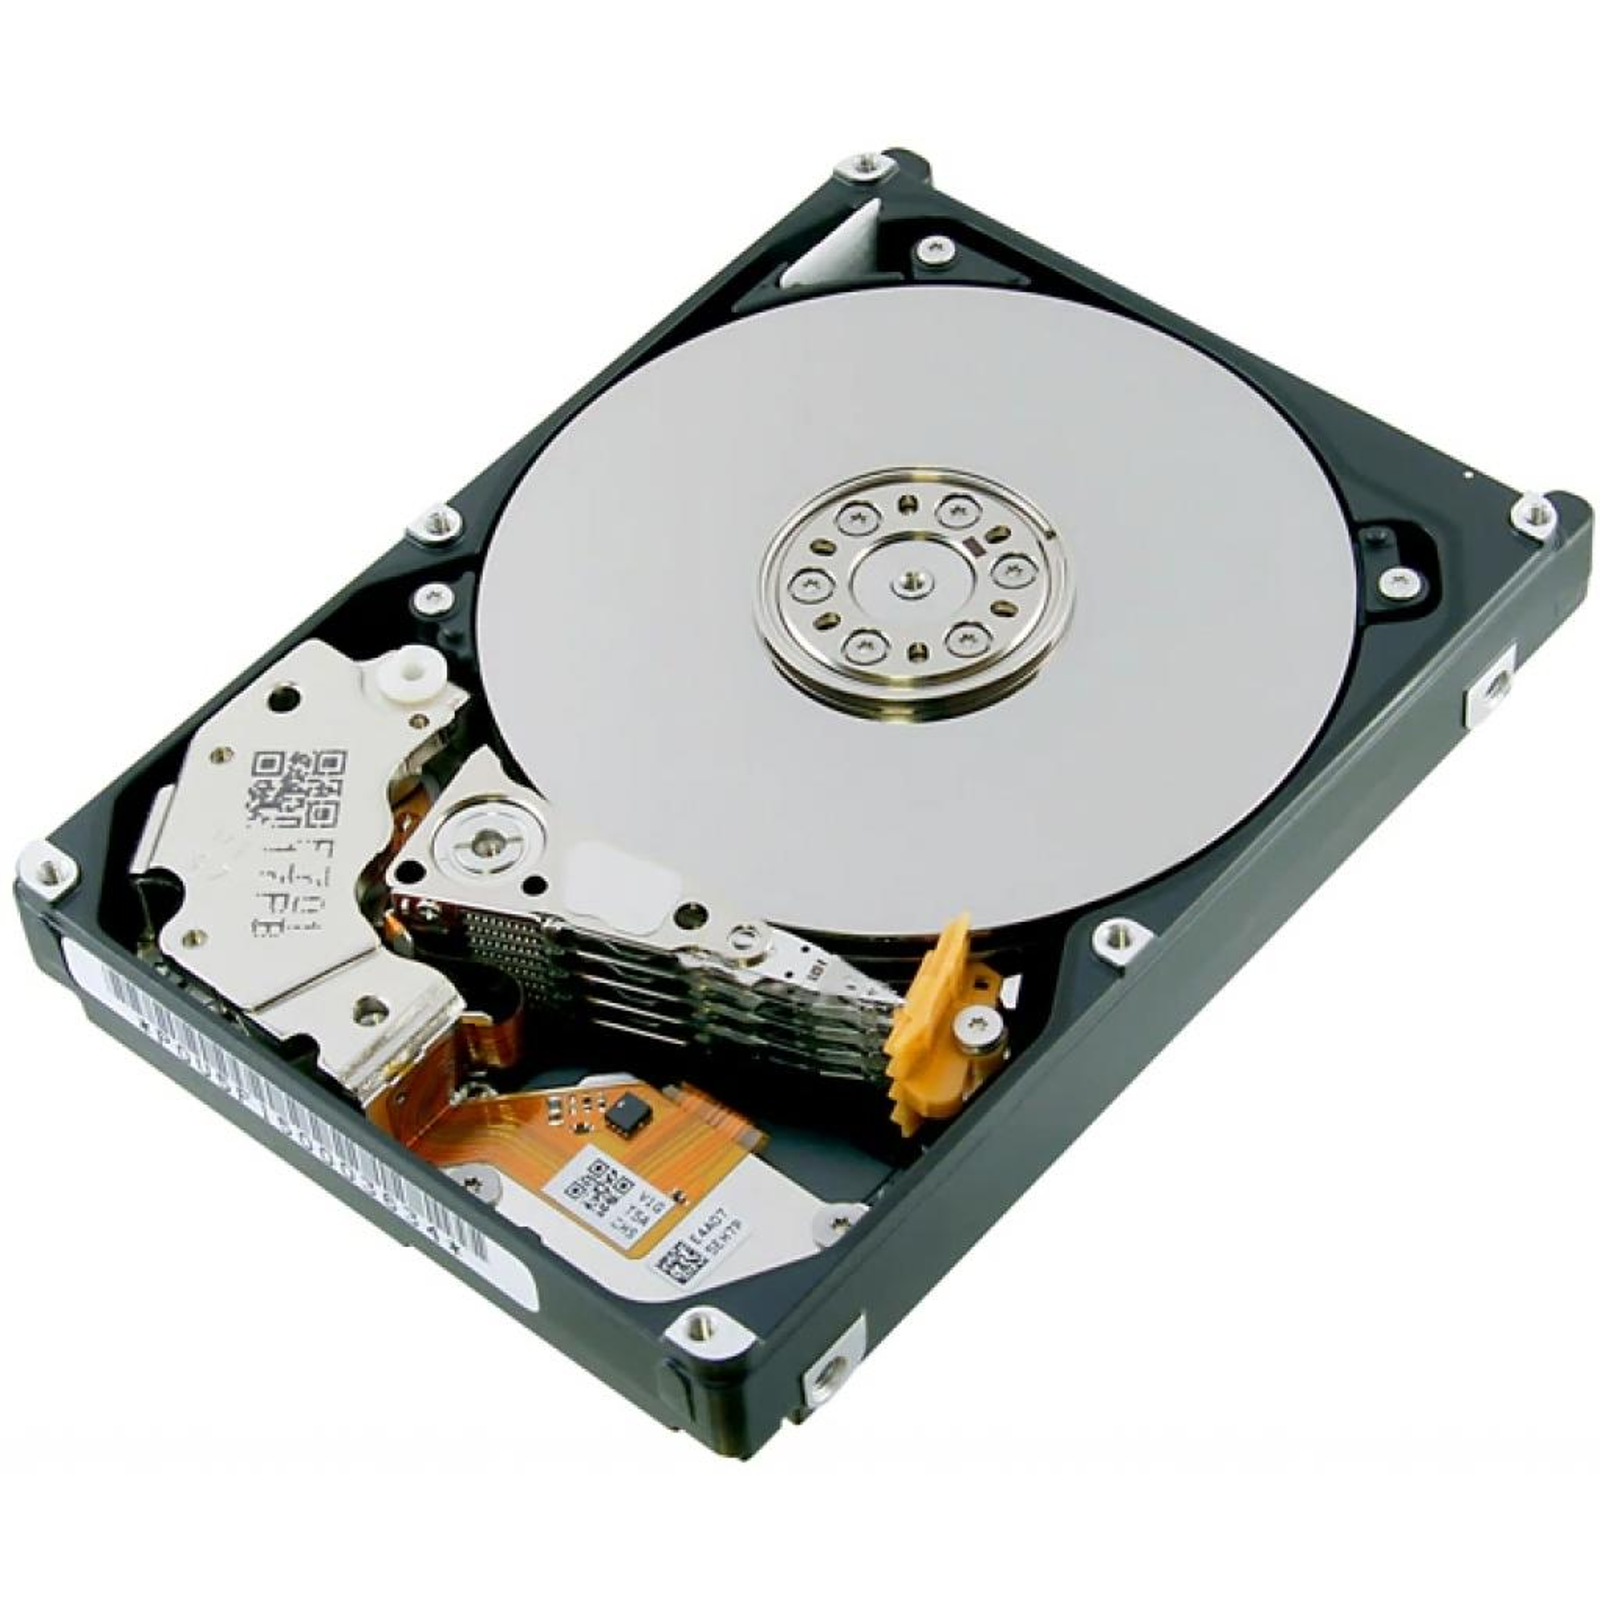 """Жесткий диск для сервера 2.5"""" 300GB SAS 128 MB 10500 rpm AL15SEB Toshiba (AL15SEB030N) изображение 2"""